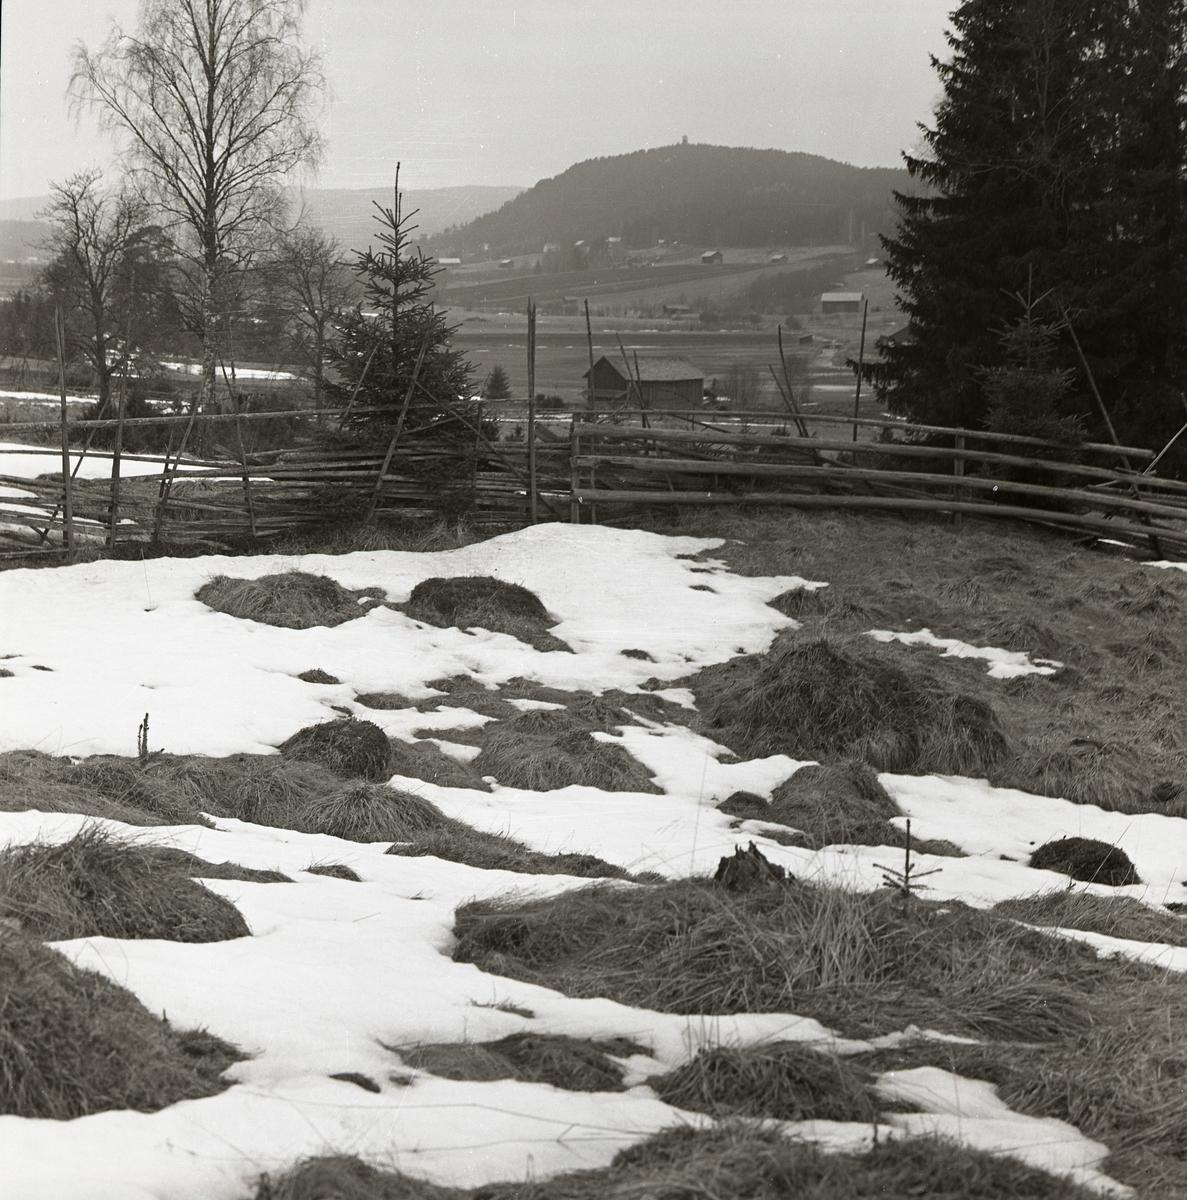 En hage inhängnad av en gärdesgård under snösmältningen, april 1963.